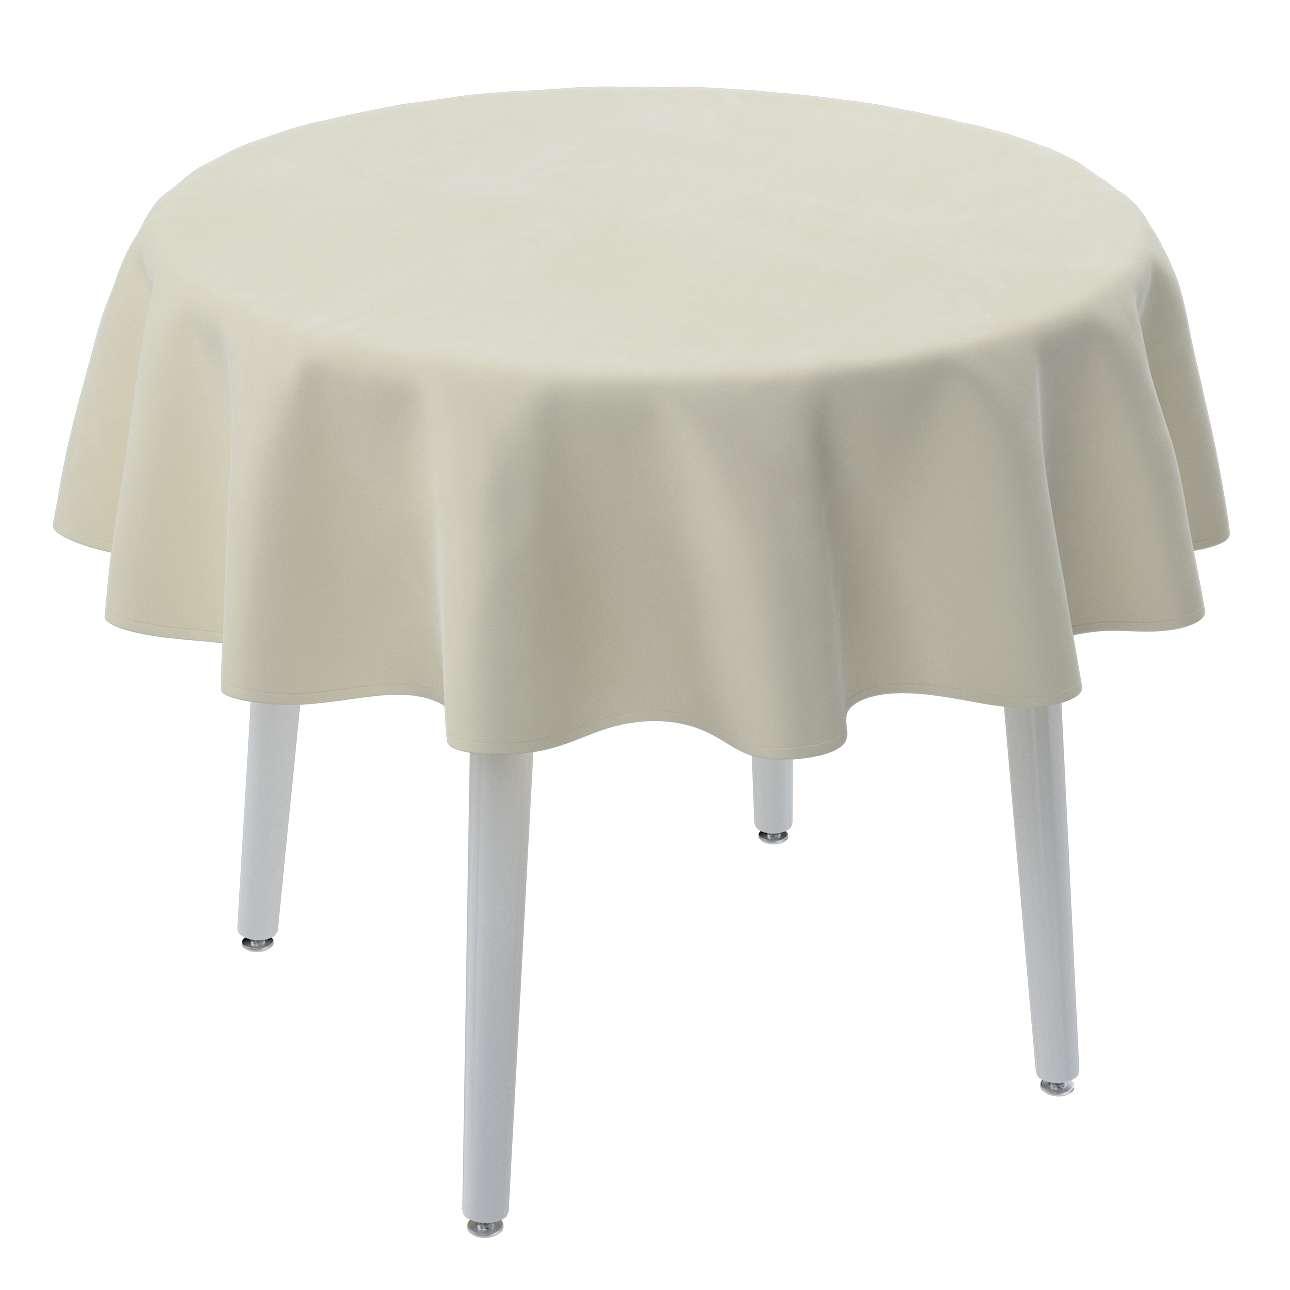 Staltiesės (apvaliam stalui) kolekcijoje Velvetas/Aksomas, audinys: 704-10